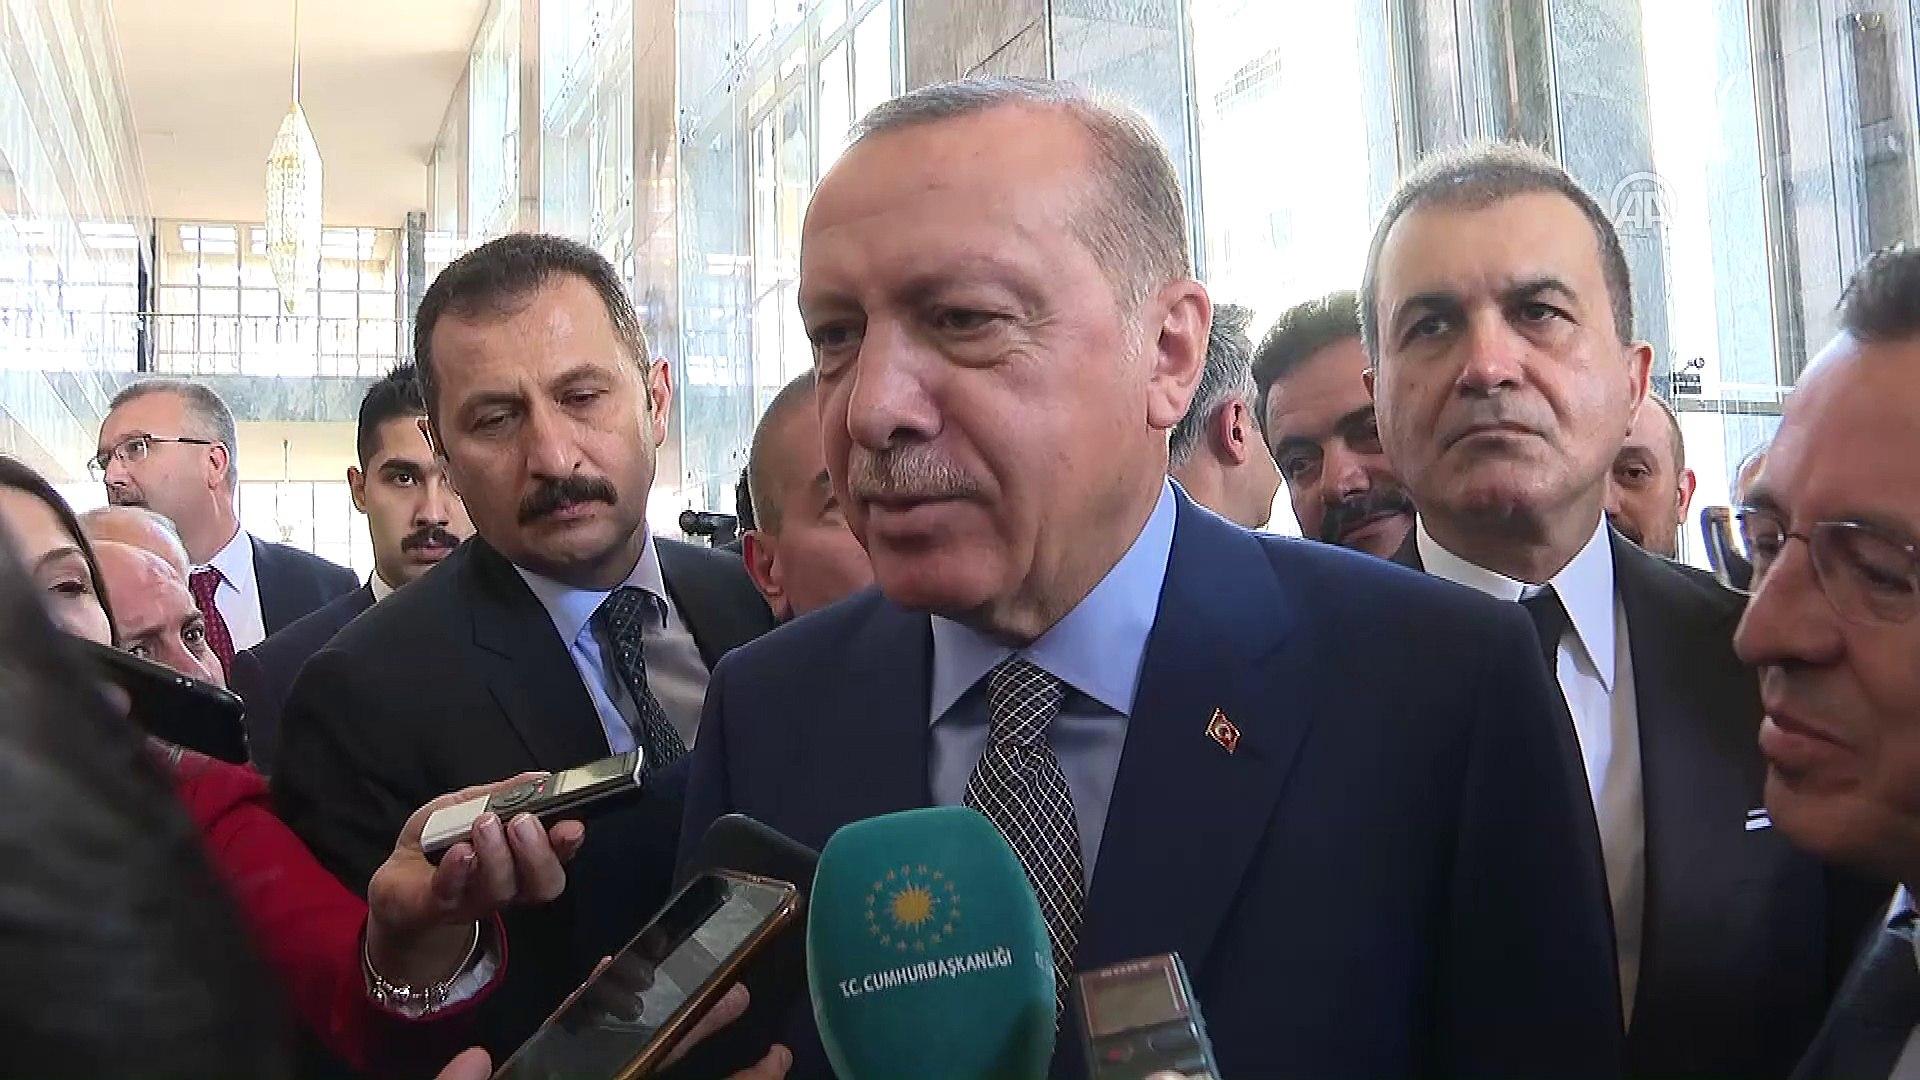 Cumhurbaşkanı Erdoğan: '(Melih Gökçek) Melih bey benim 94'ten beri yol ve dava arkadaşım&#